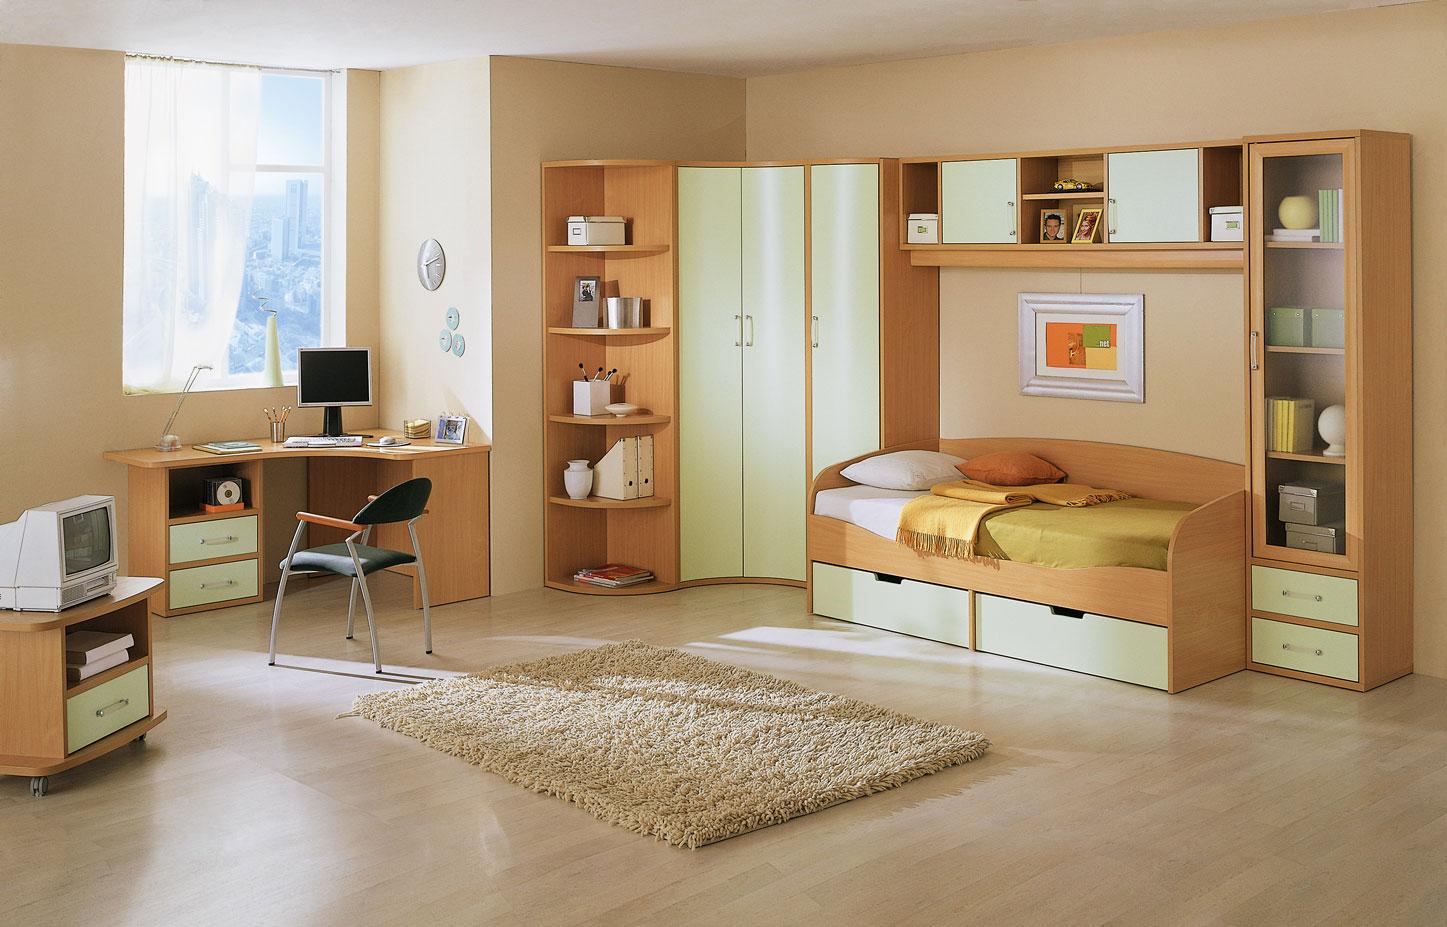 kids-bedroom-furniture1 Furniture for kid's room